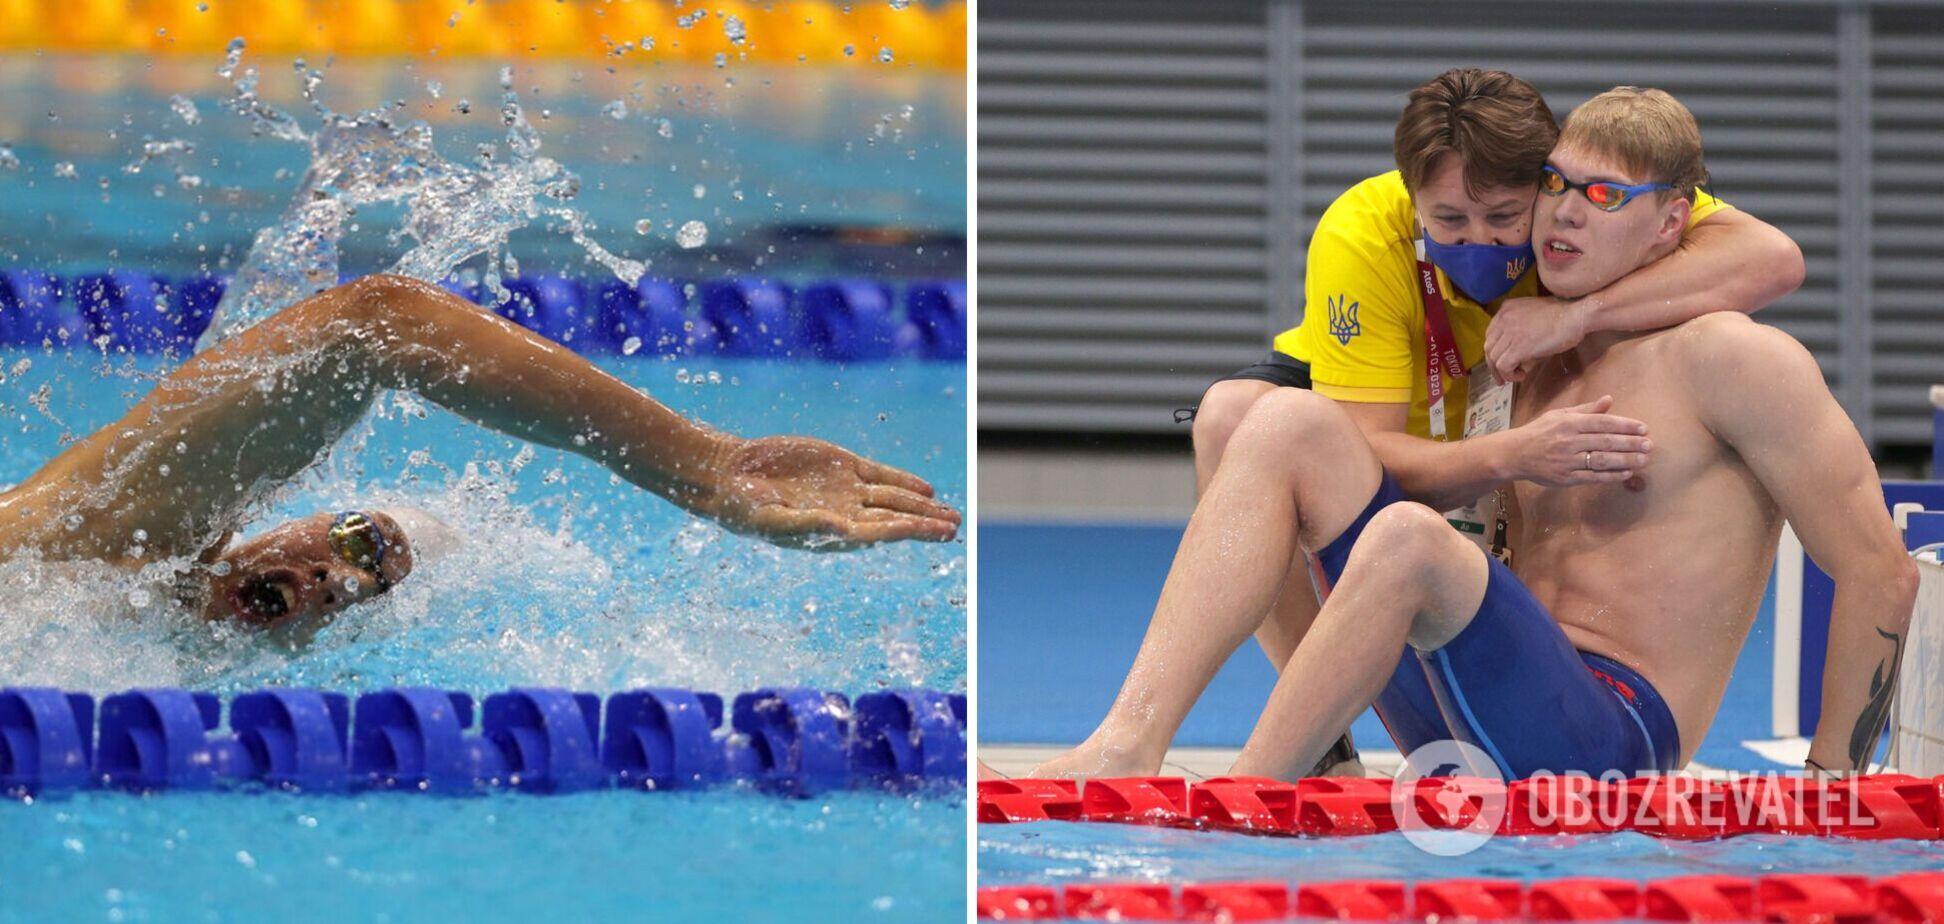 Андрій Трусов виграв друге золото Паралімпіади в Токіо